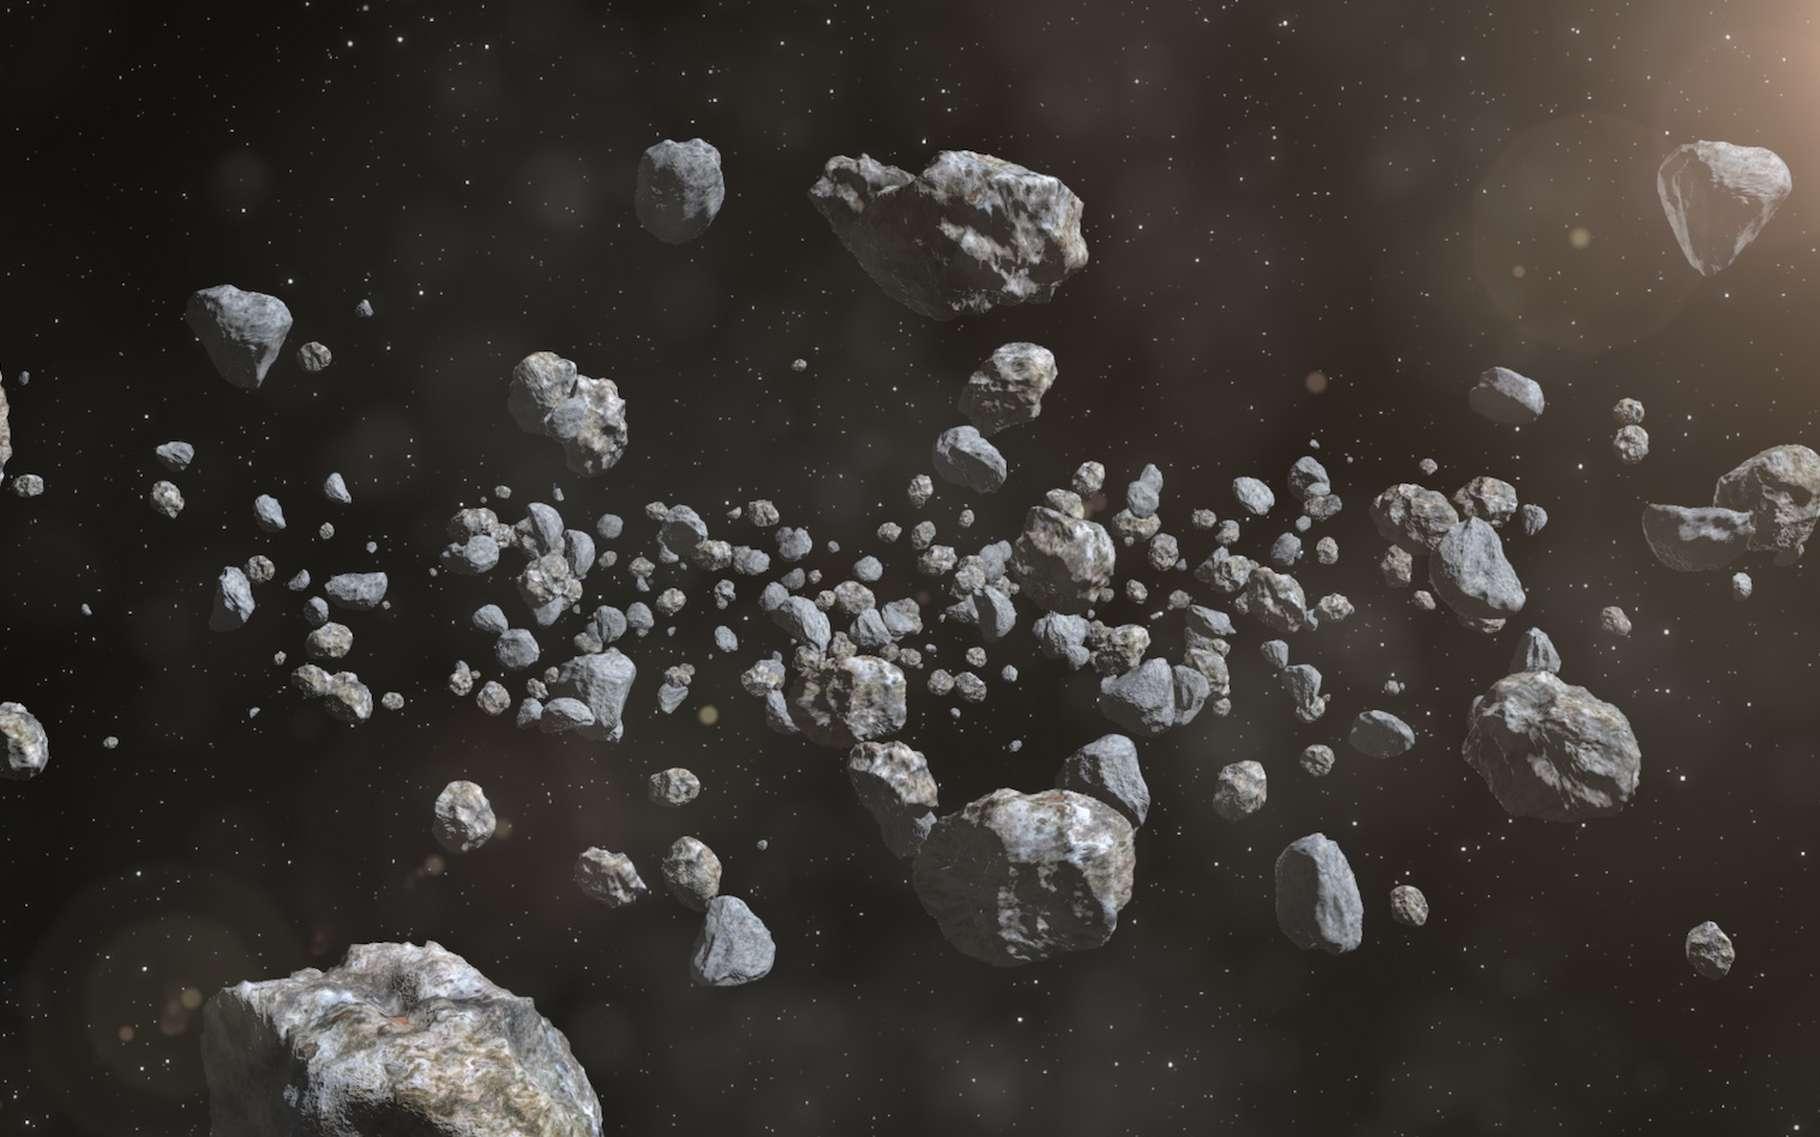 Albert Uderzo rejoint les astéroïdes Asterix, Obelix, Idefix et Panoramix